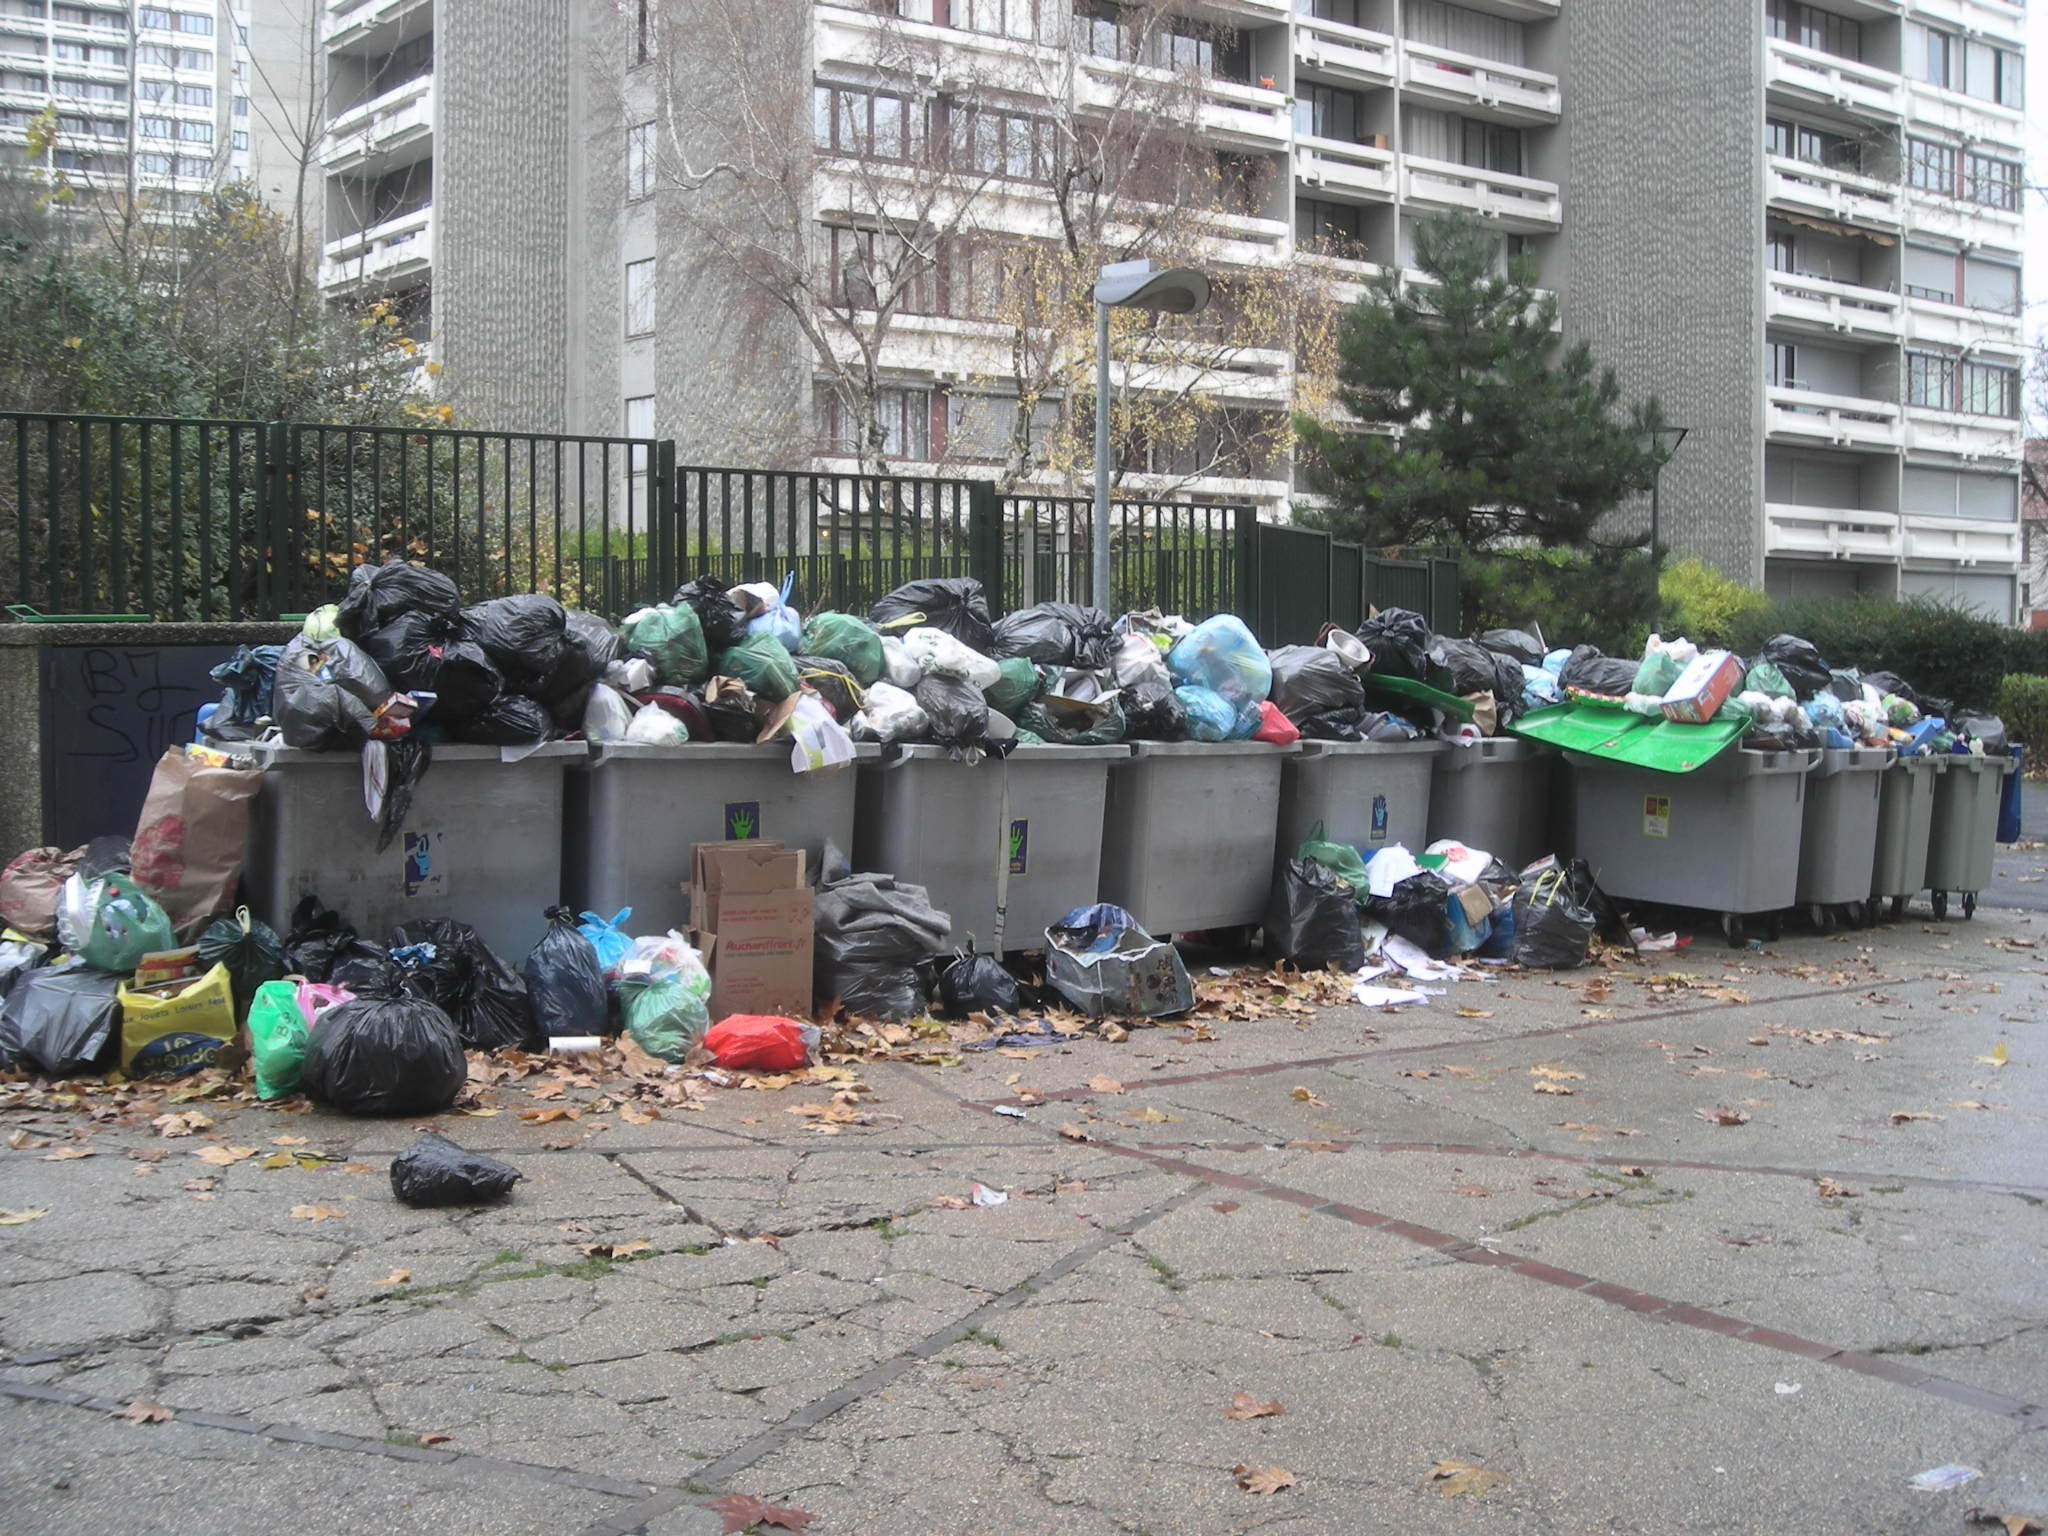 Un Week-end parmi les poubelles...